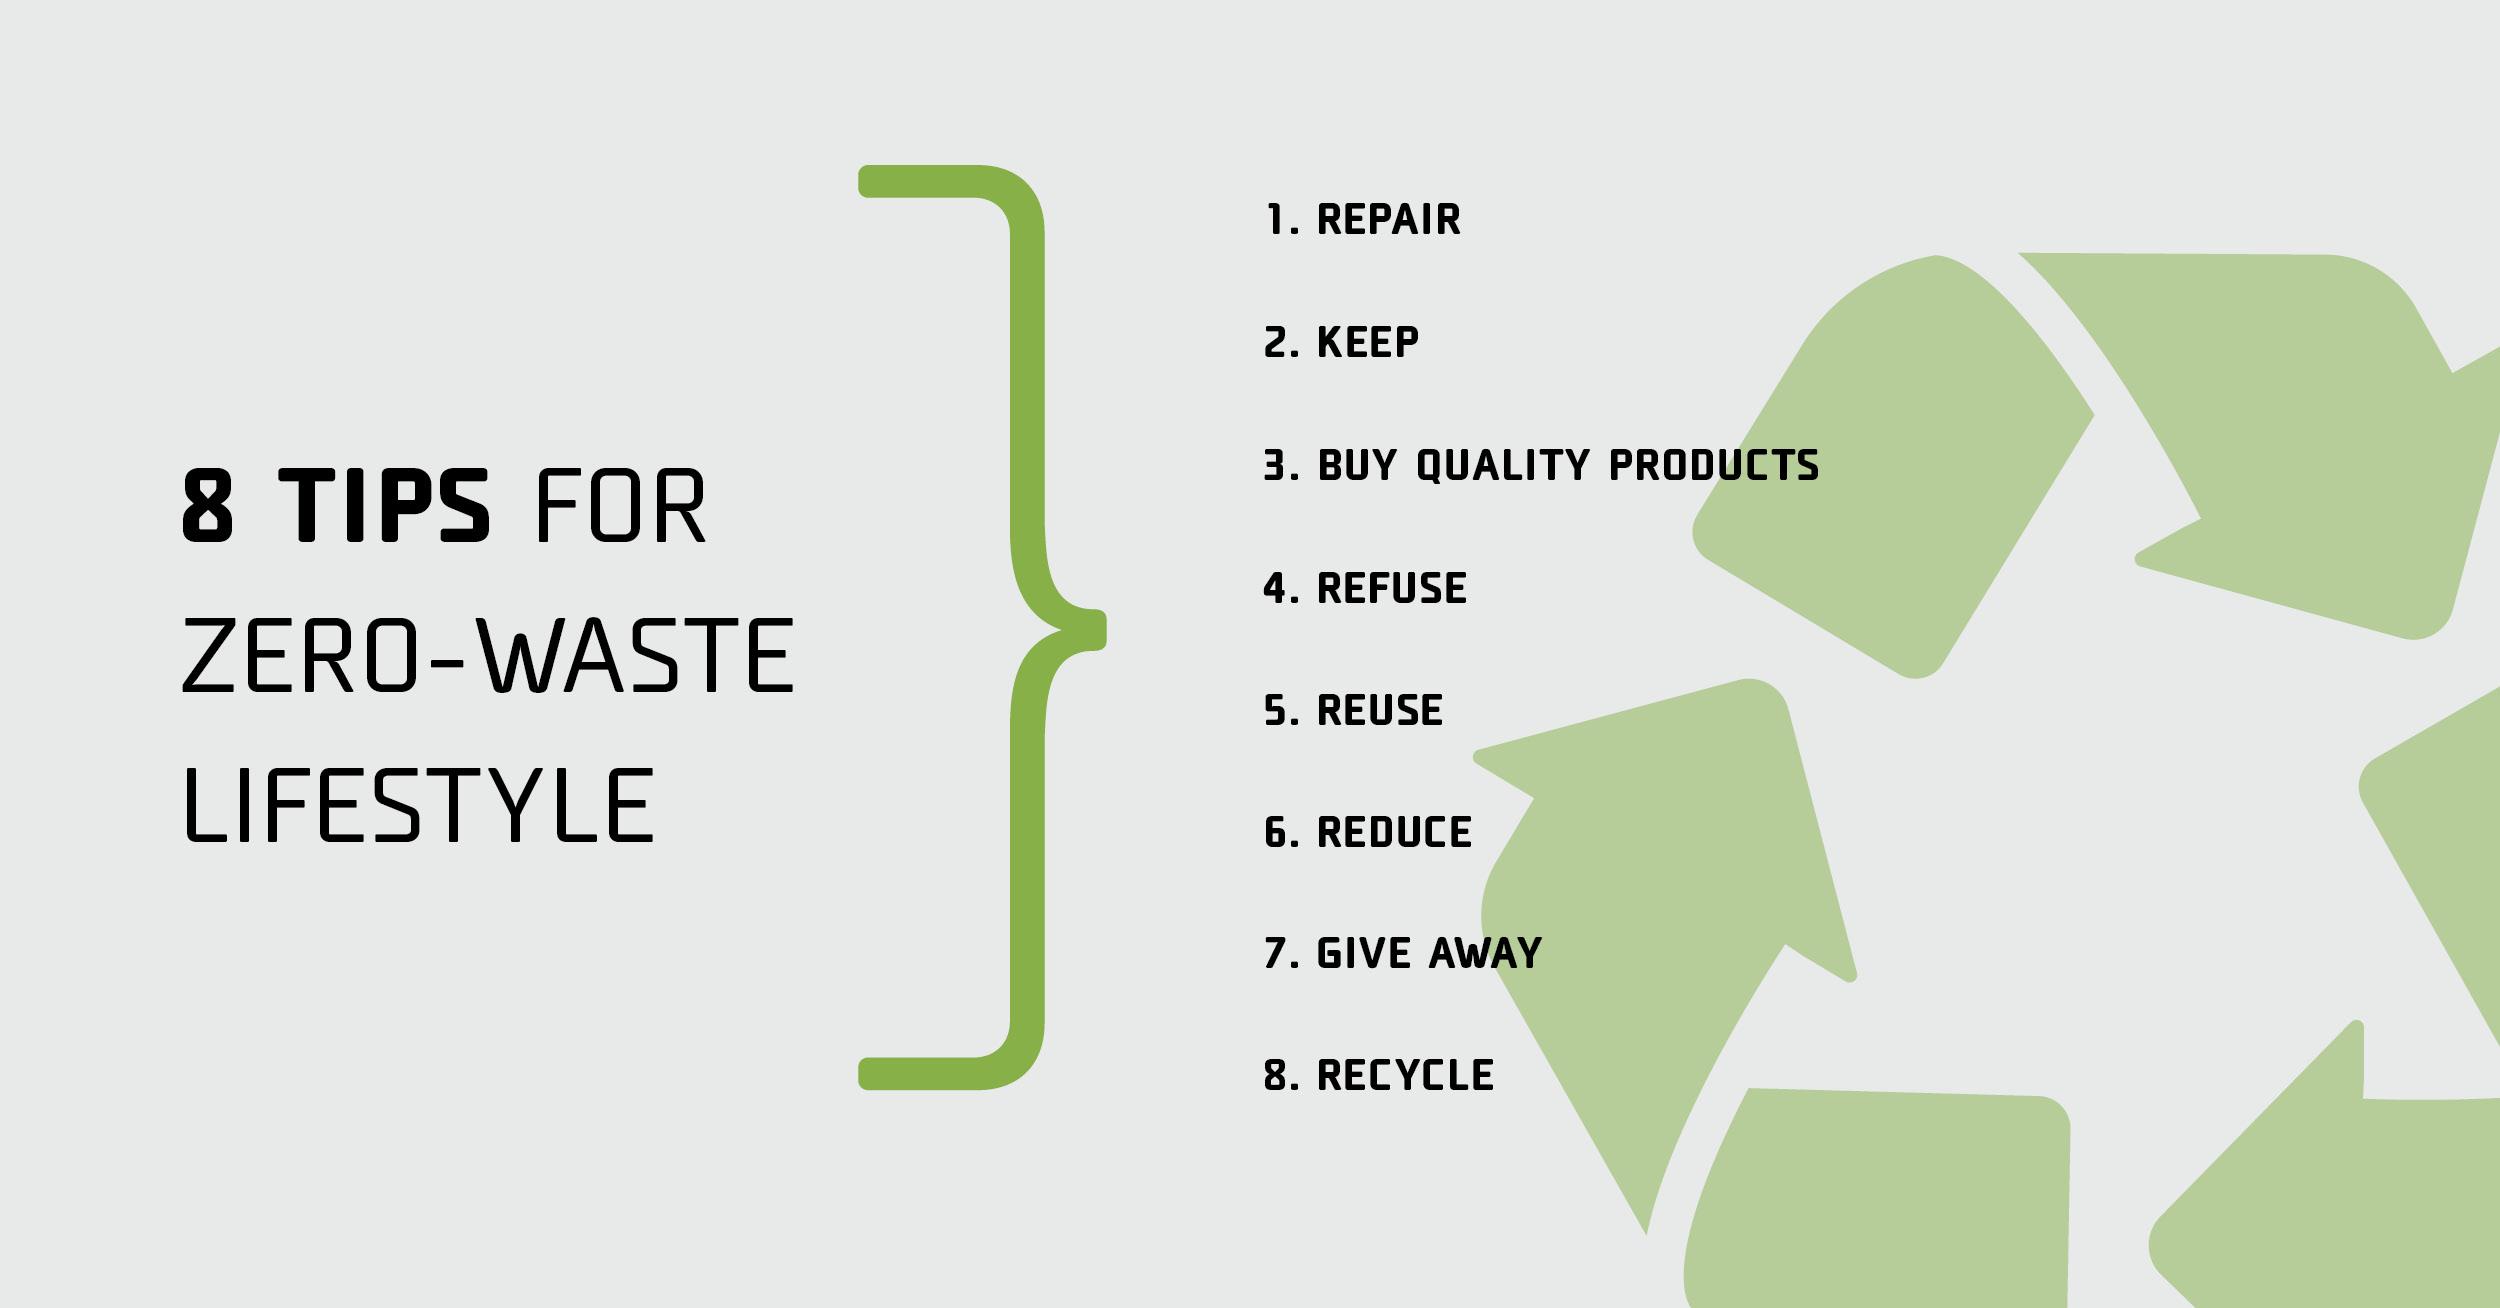 Tips for zero-waste lifestyle